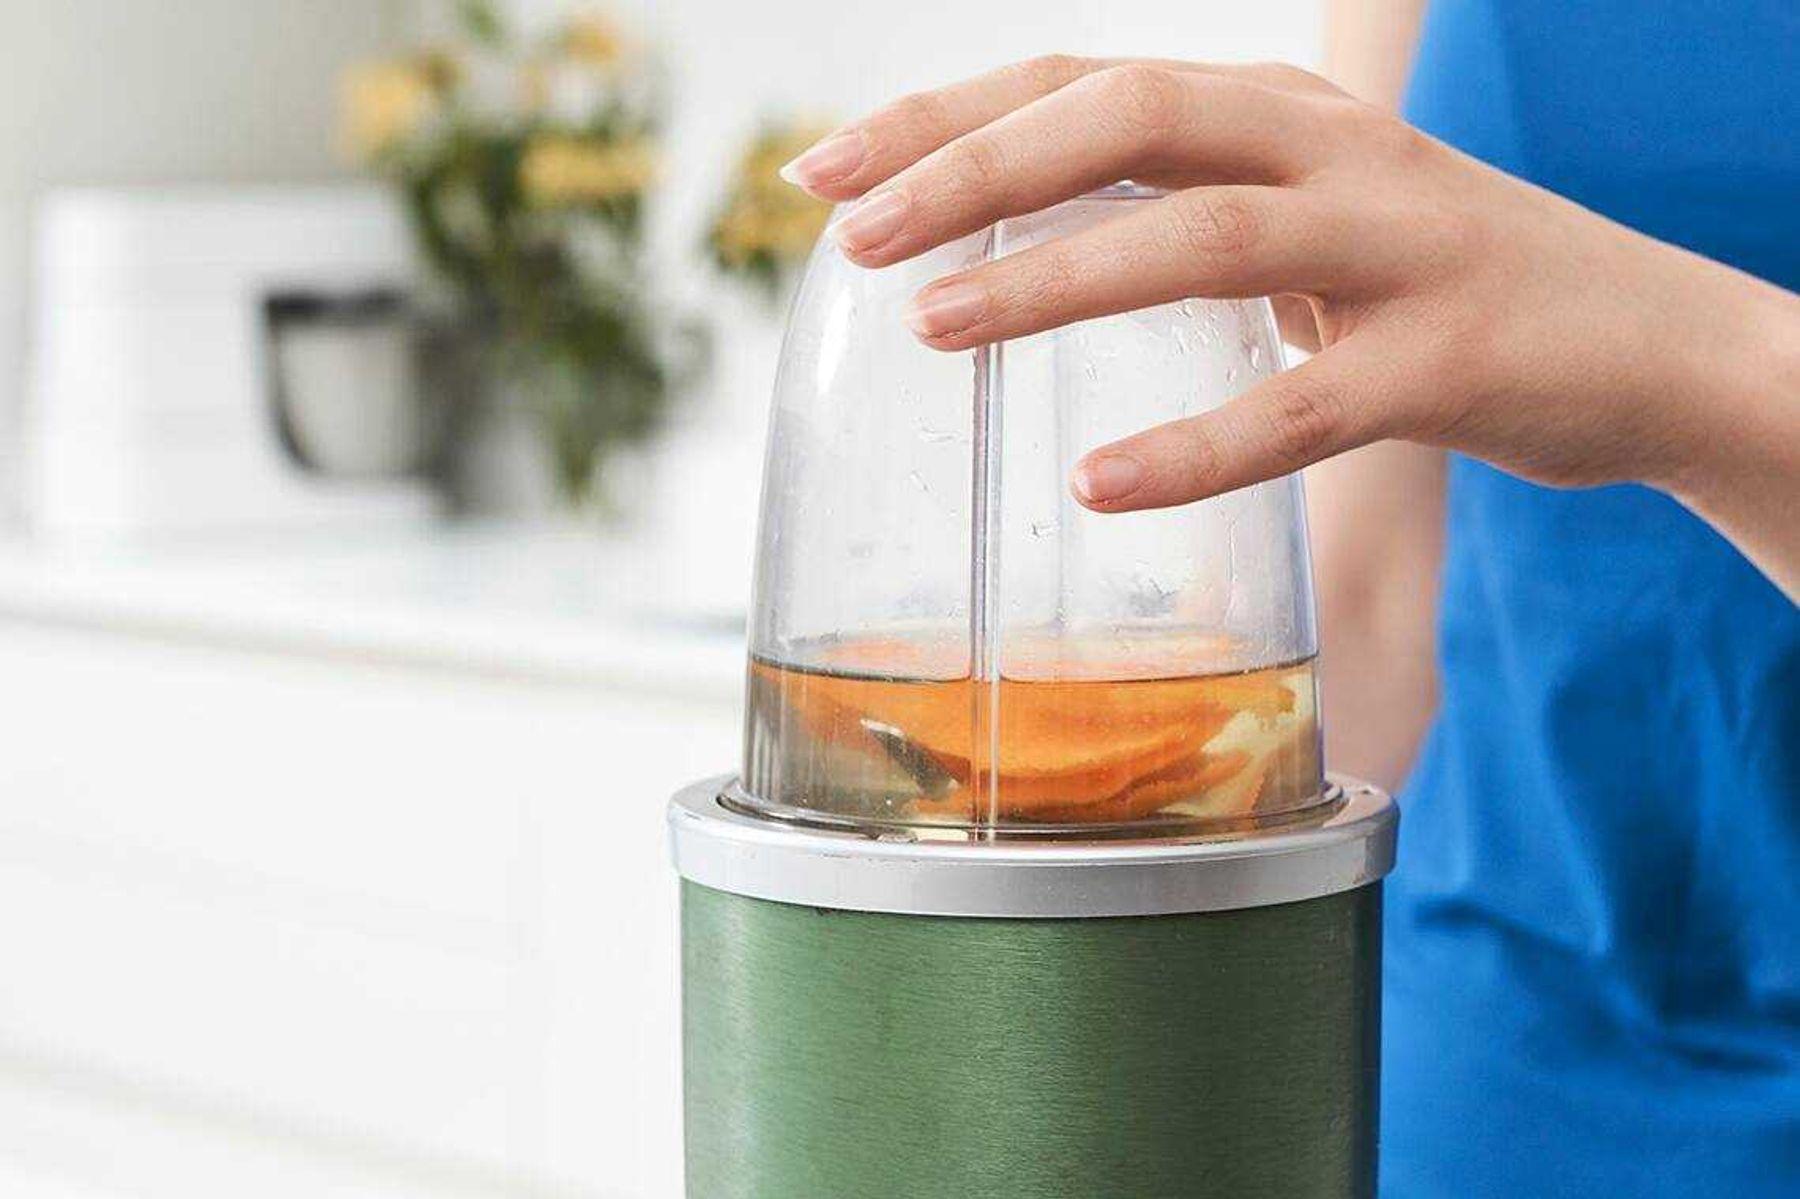 Step 3: como-afastar-formigas-da-cozinha